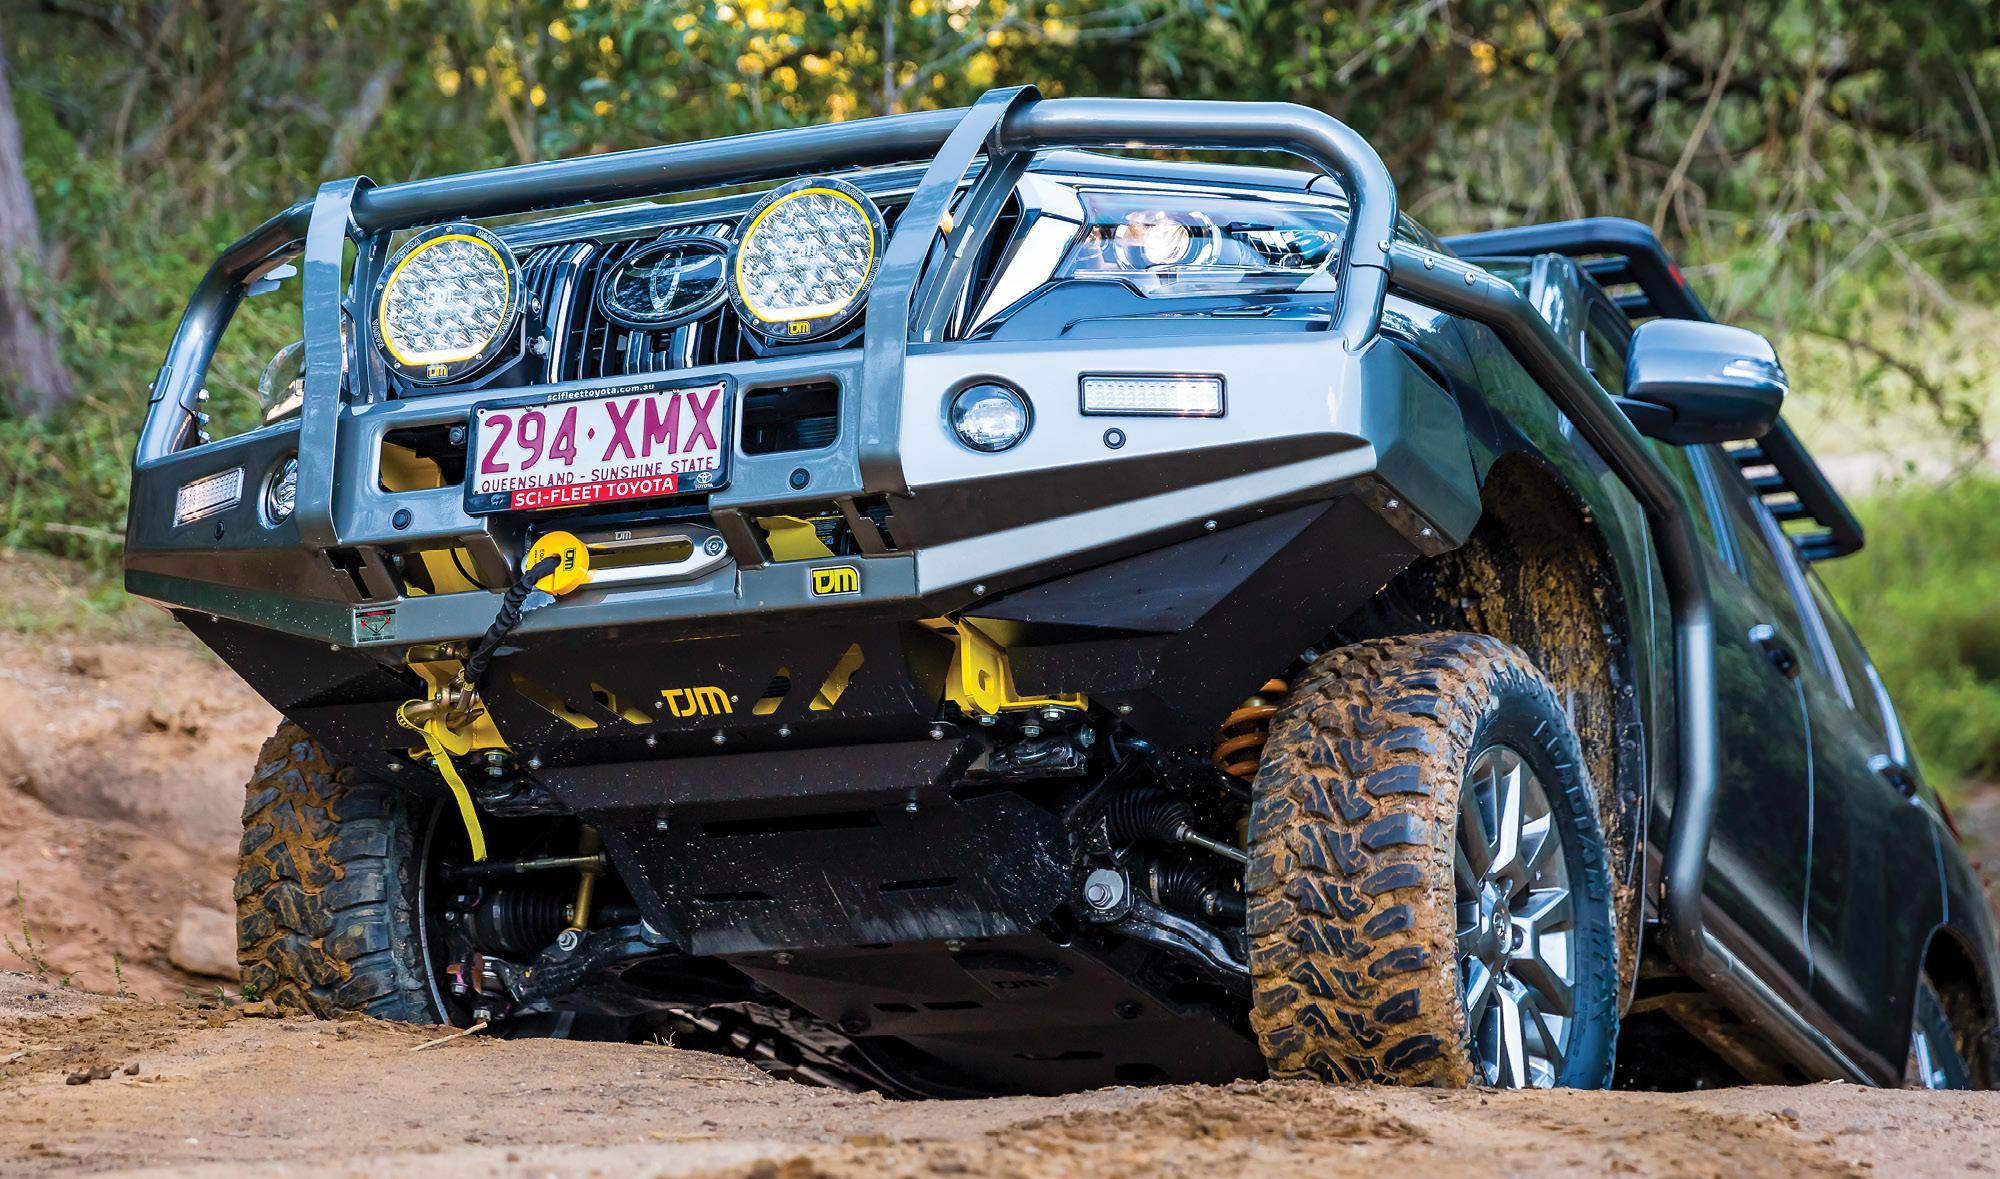 TJM Outback Bar to suit the 2018+ Toyota Prado